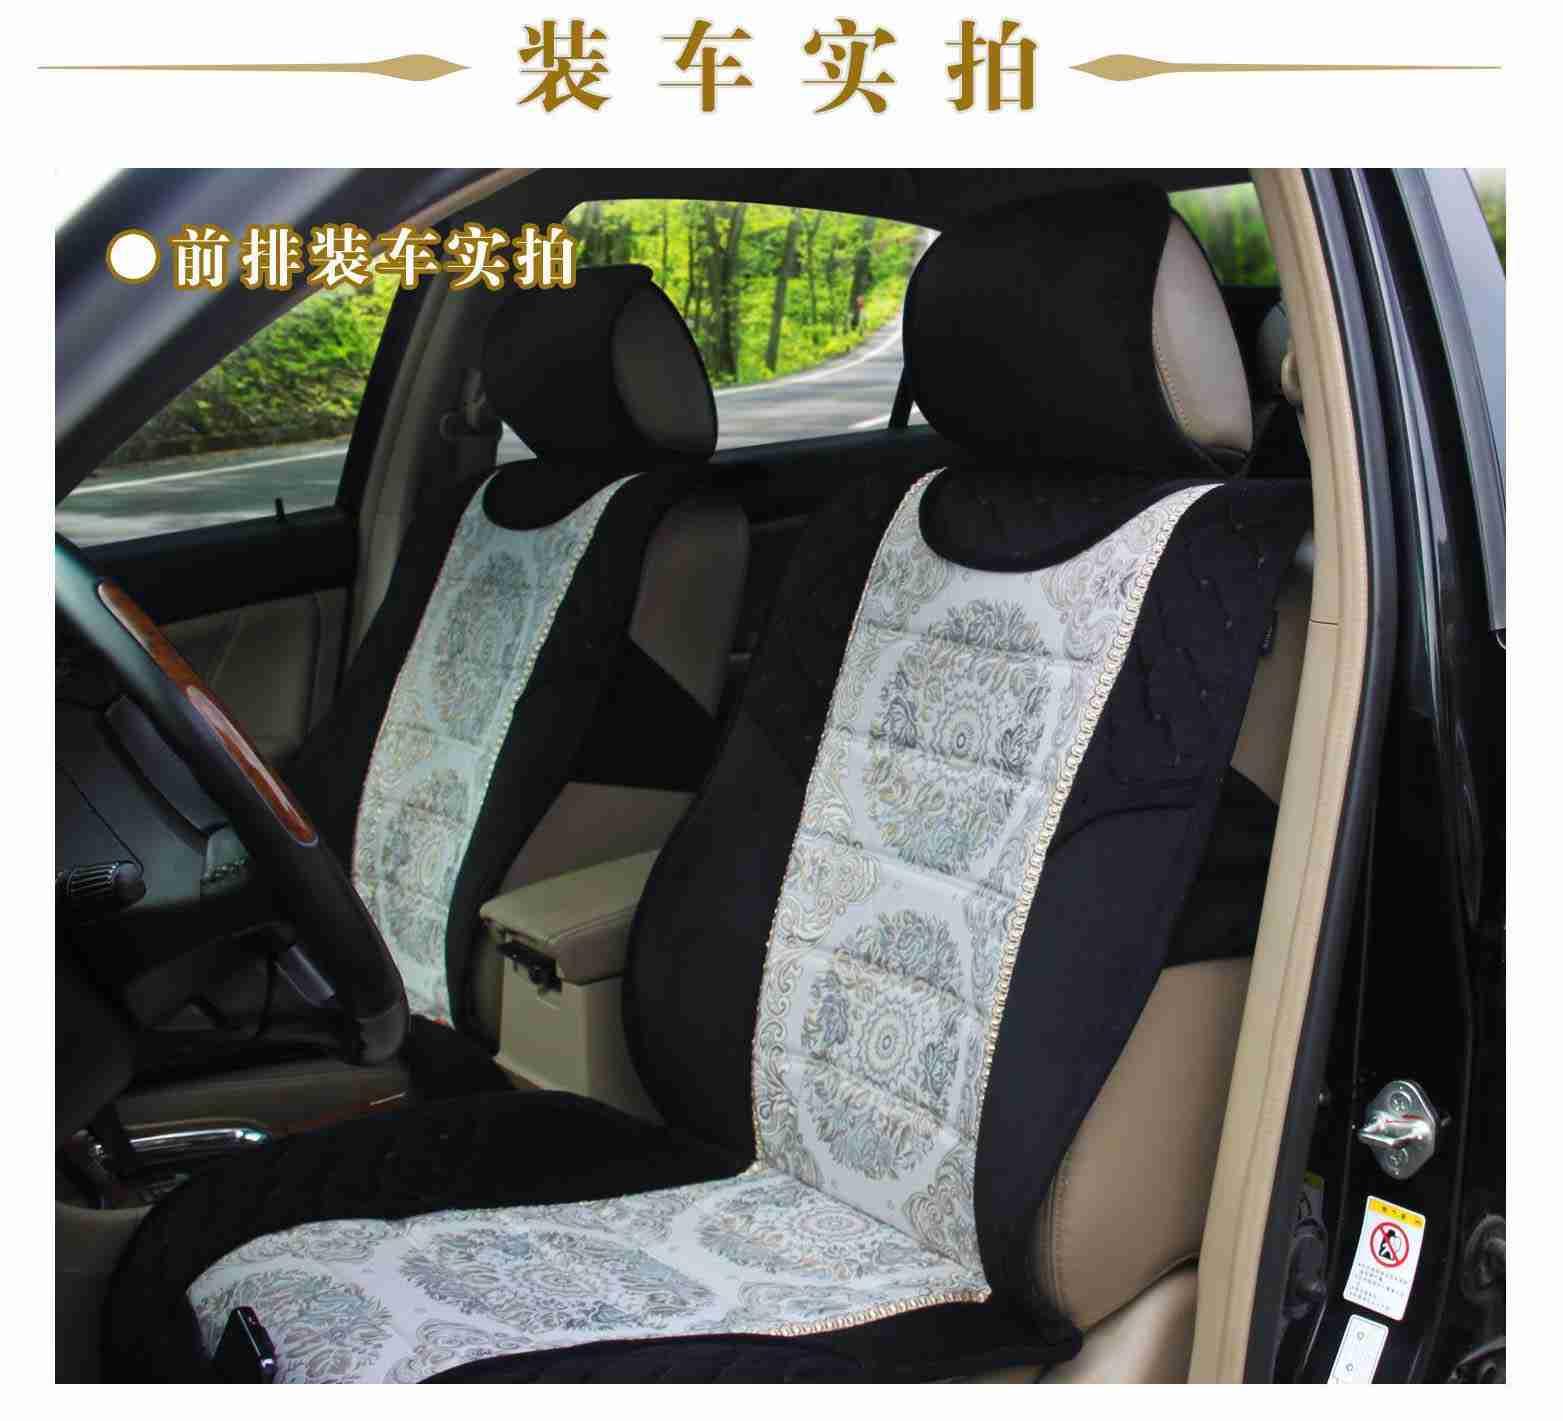 艺芙蓉 yfr-zd-016e 高级汽车坐垫 欧典系列四季通用坐垫 黑色